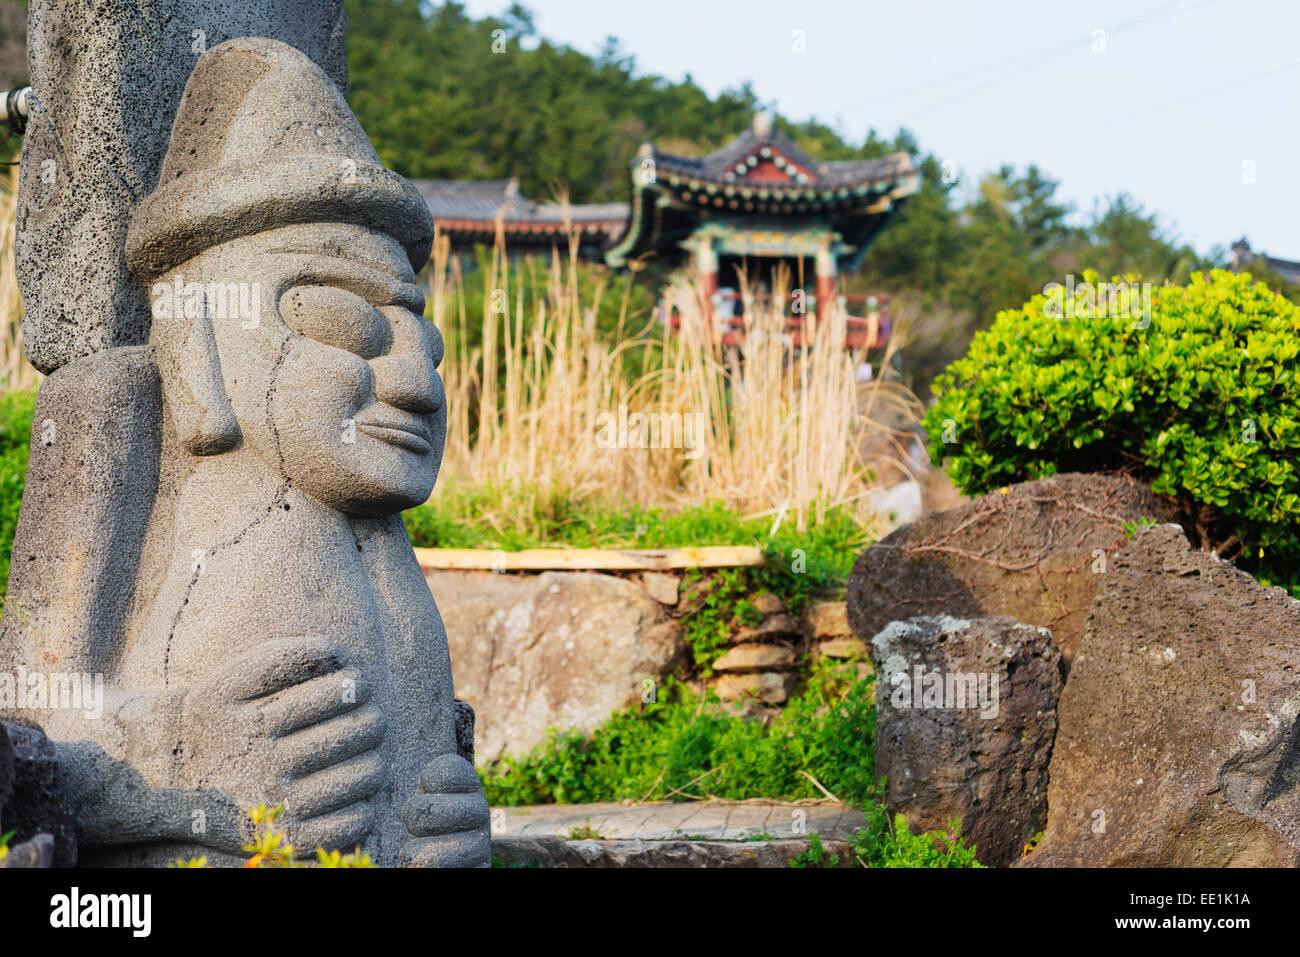 Dol hareubang (harubang) protezione e fertilità statua al tempio Sanbanggulsa, Jeju Island, Corea del Sud, Immagini Stock